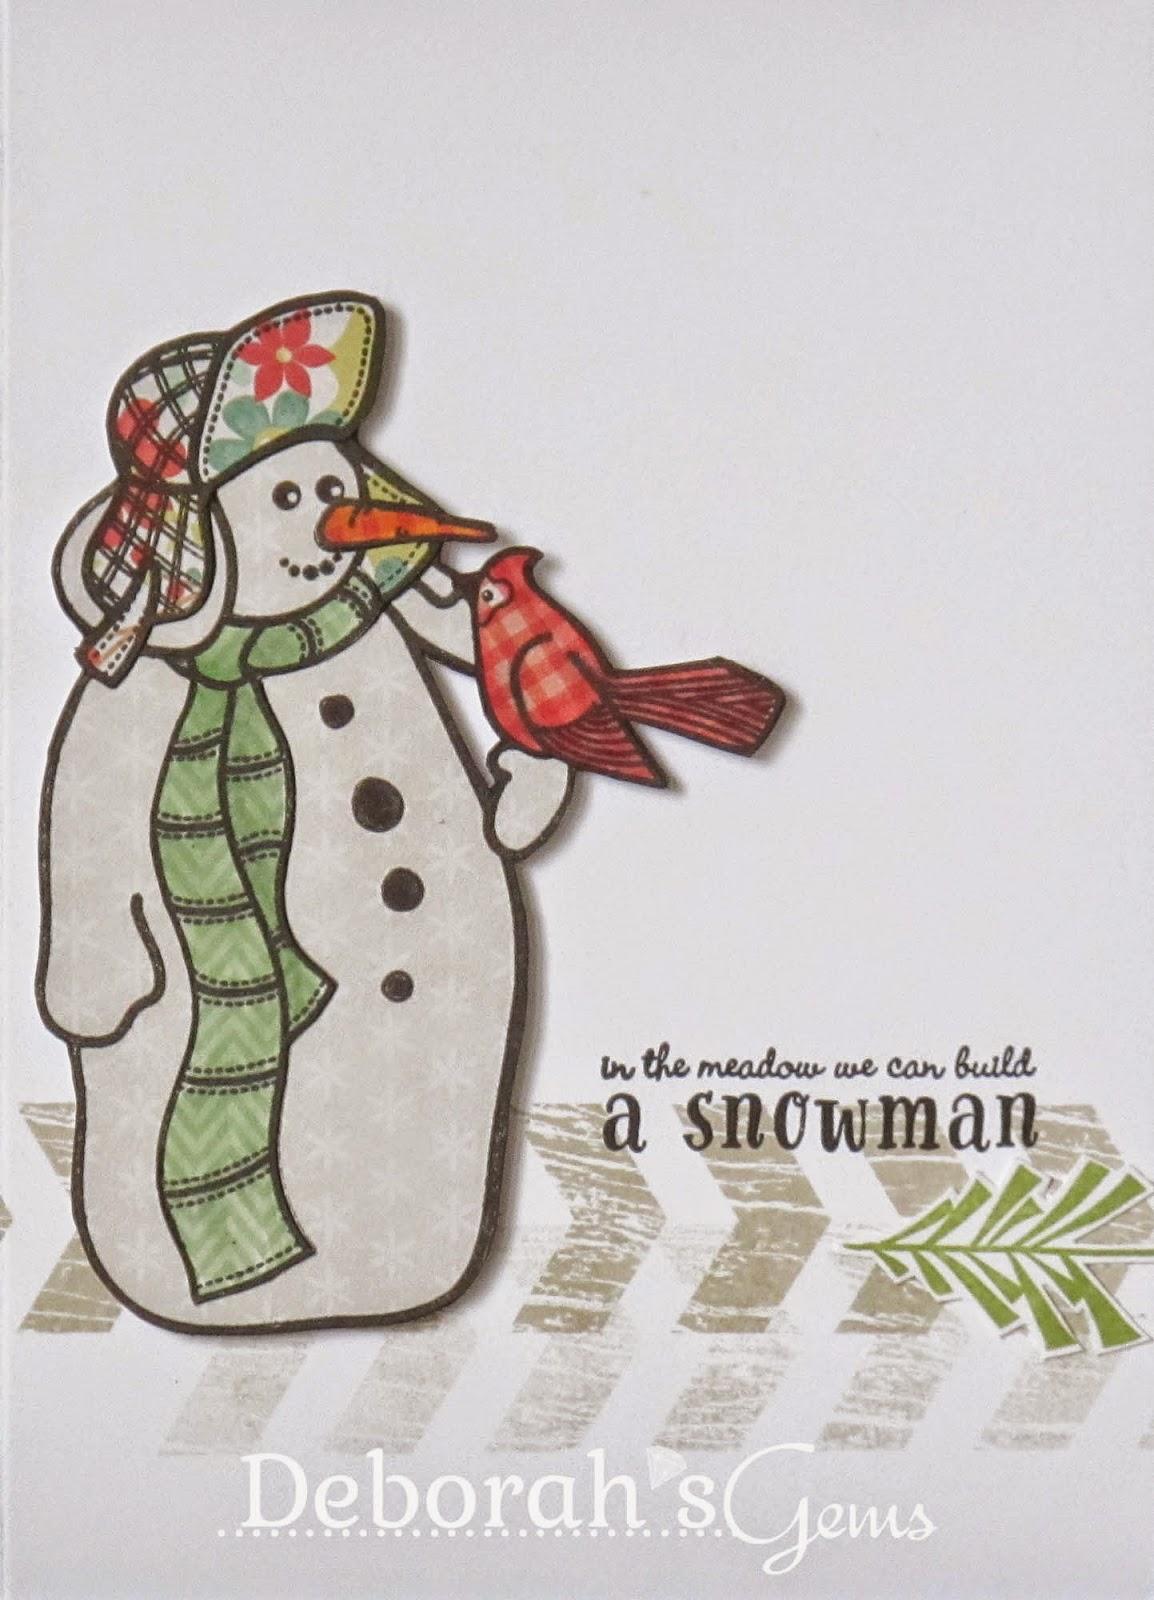 A Snowman - photo by Deborah Frings - Deborah's Gems